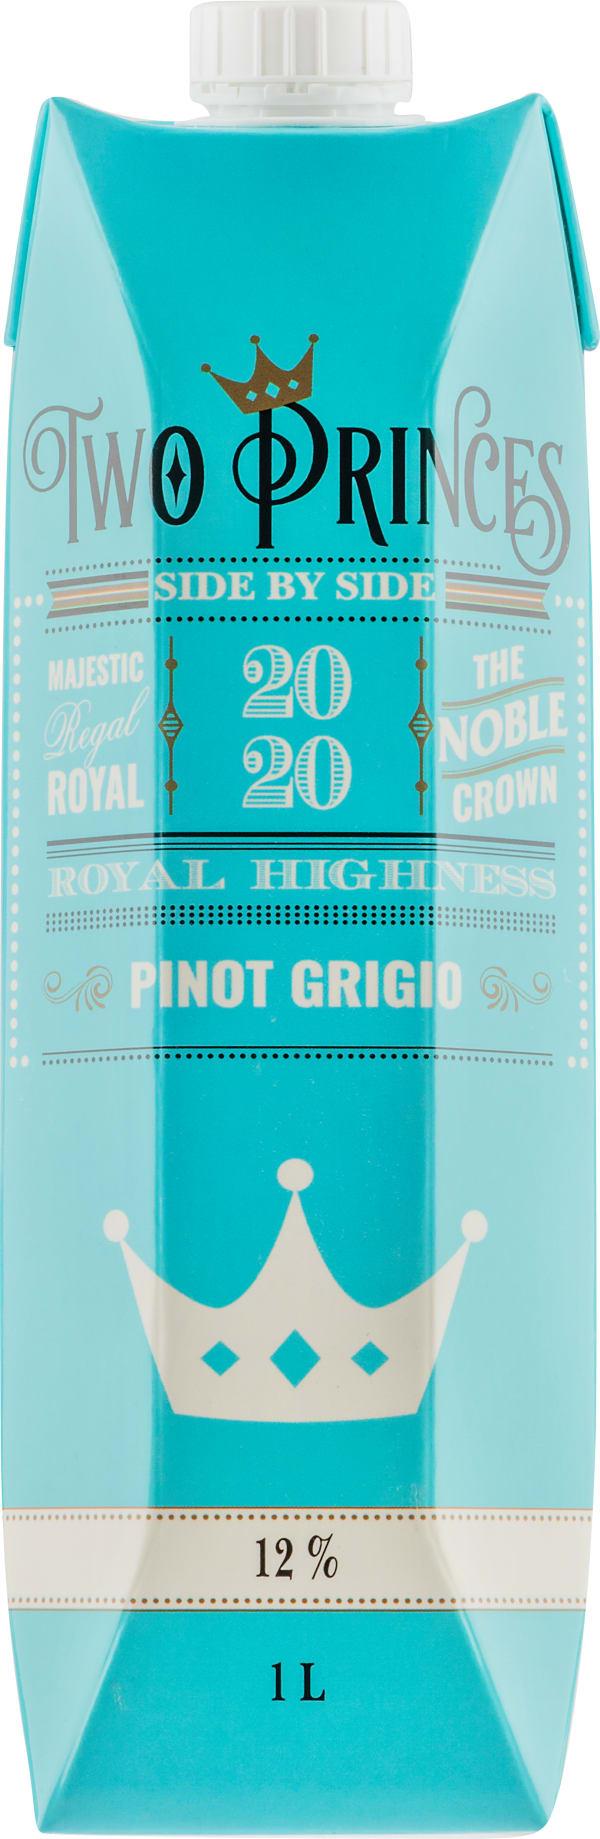 Two Princes Pinot Grigio 2020 carton package